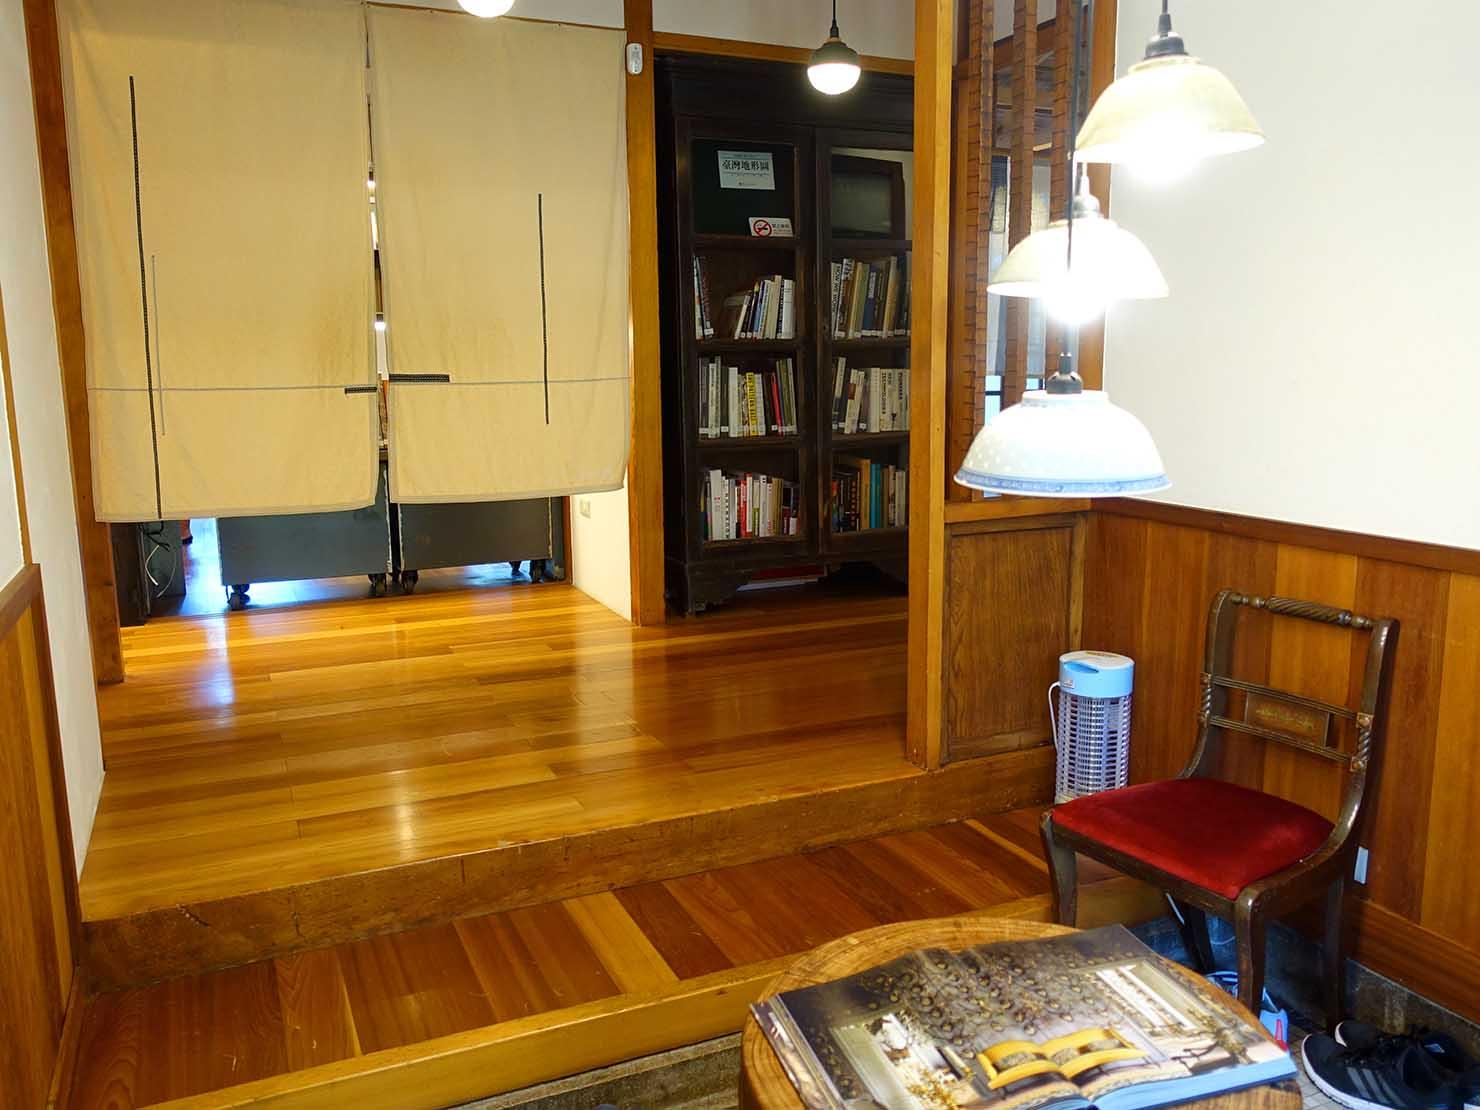 台北の街に佇む日本式古民家の図書館「文房 Chapter」の玄関から眺める館内